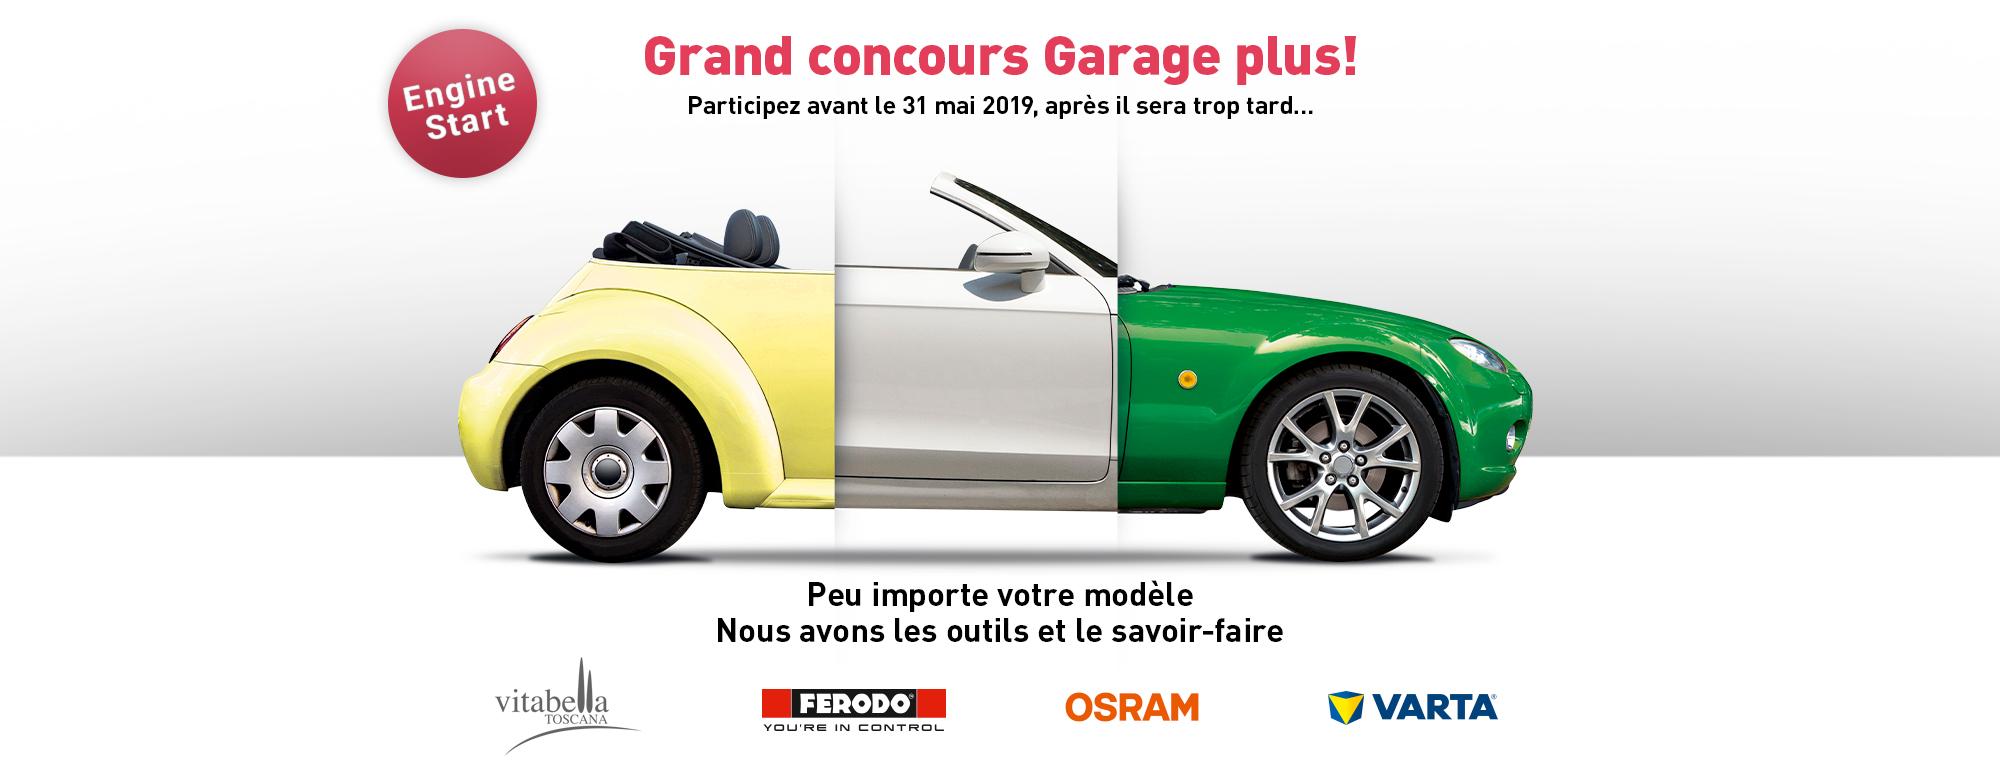 contest-slide-FR.jpg